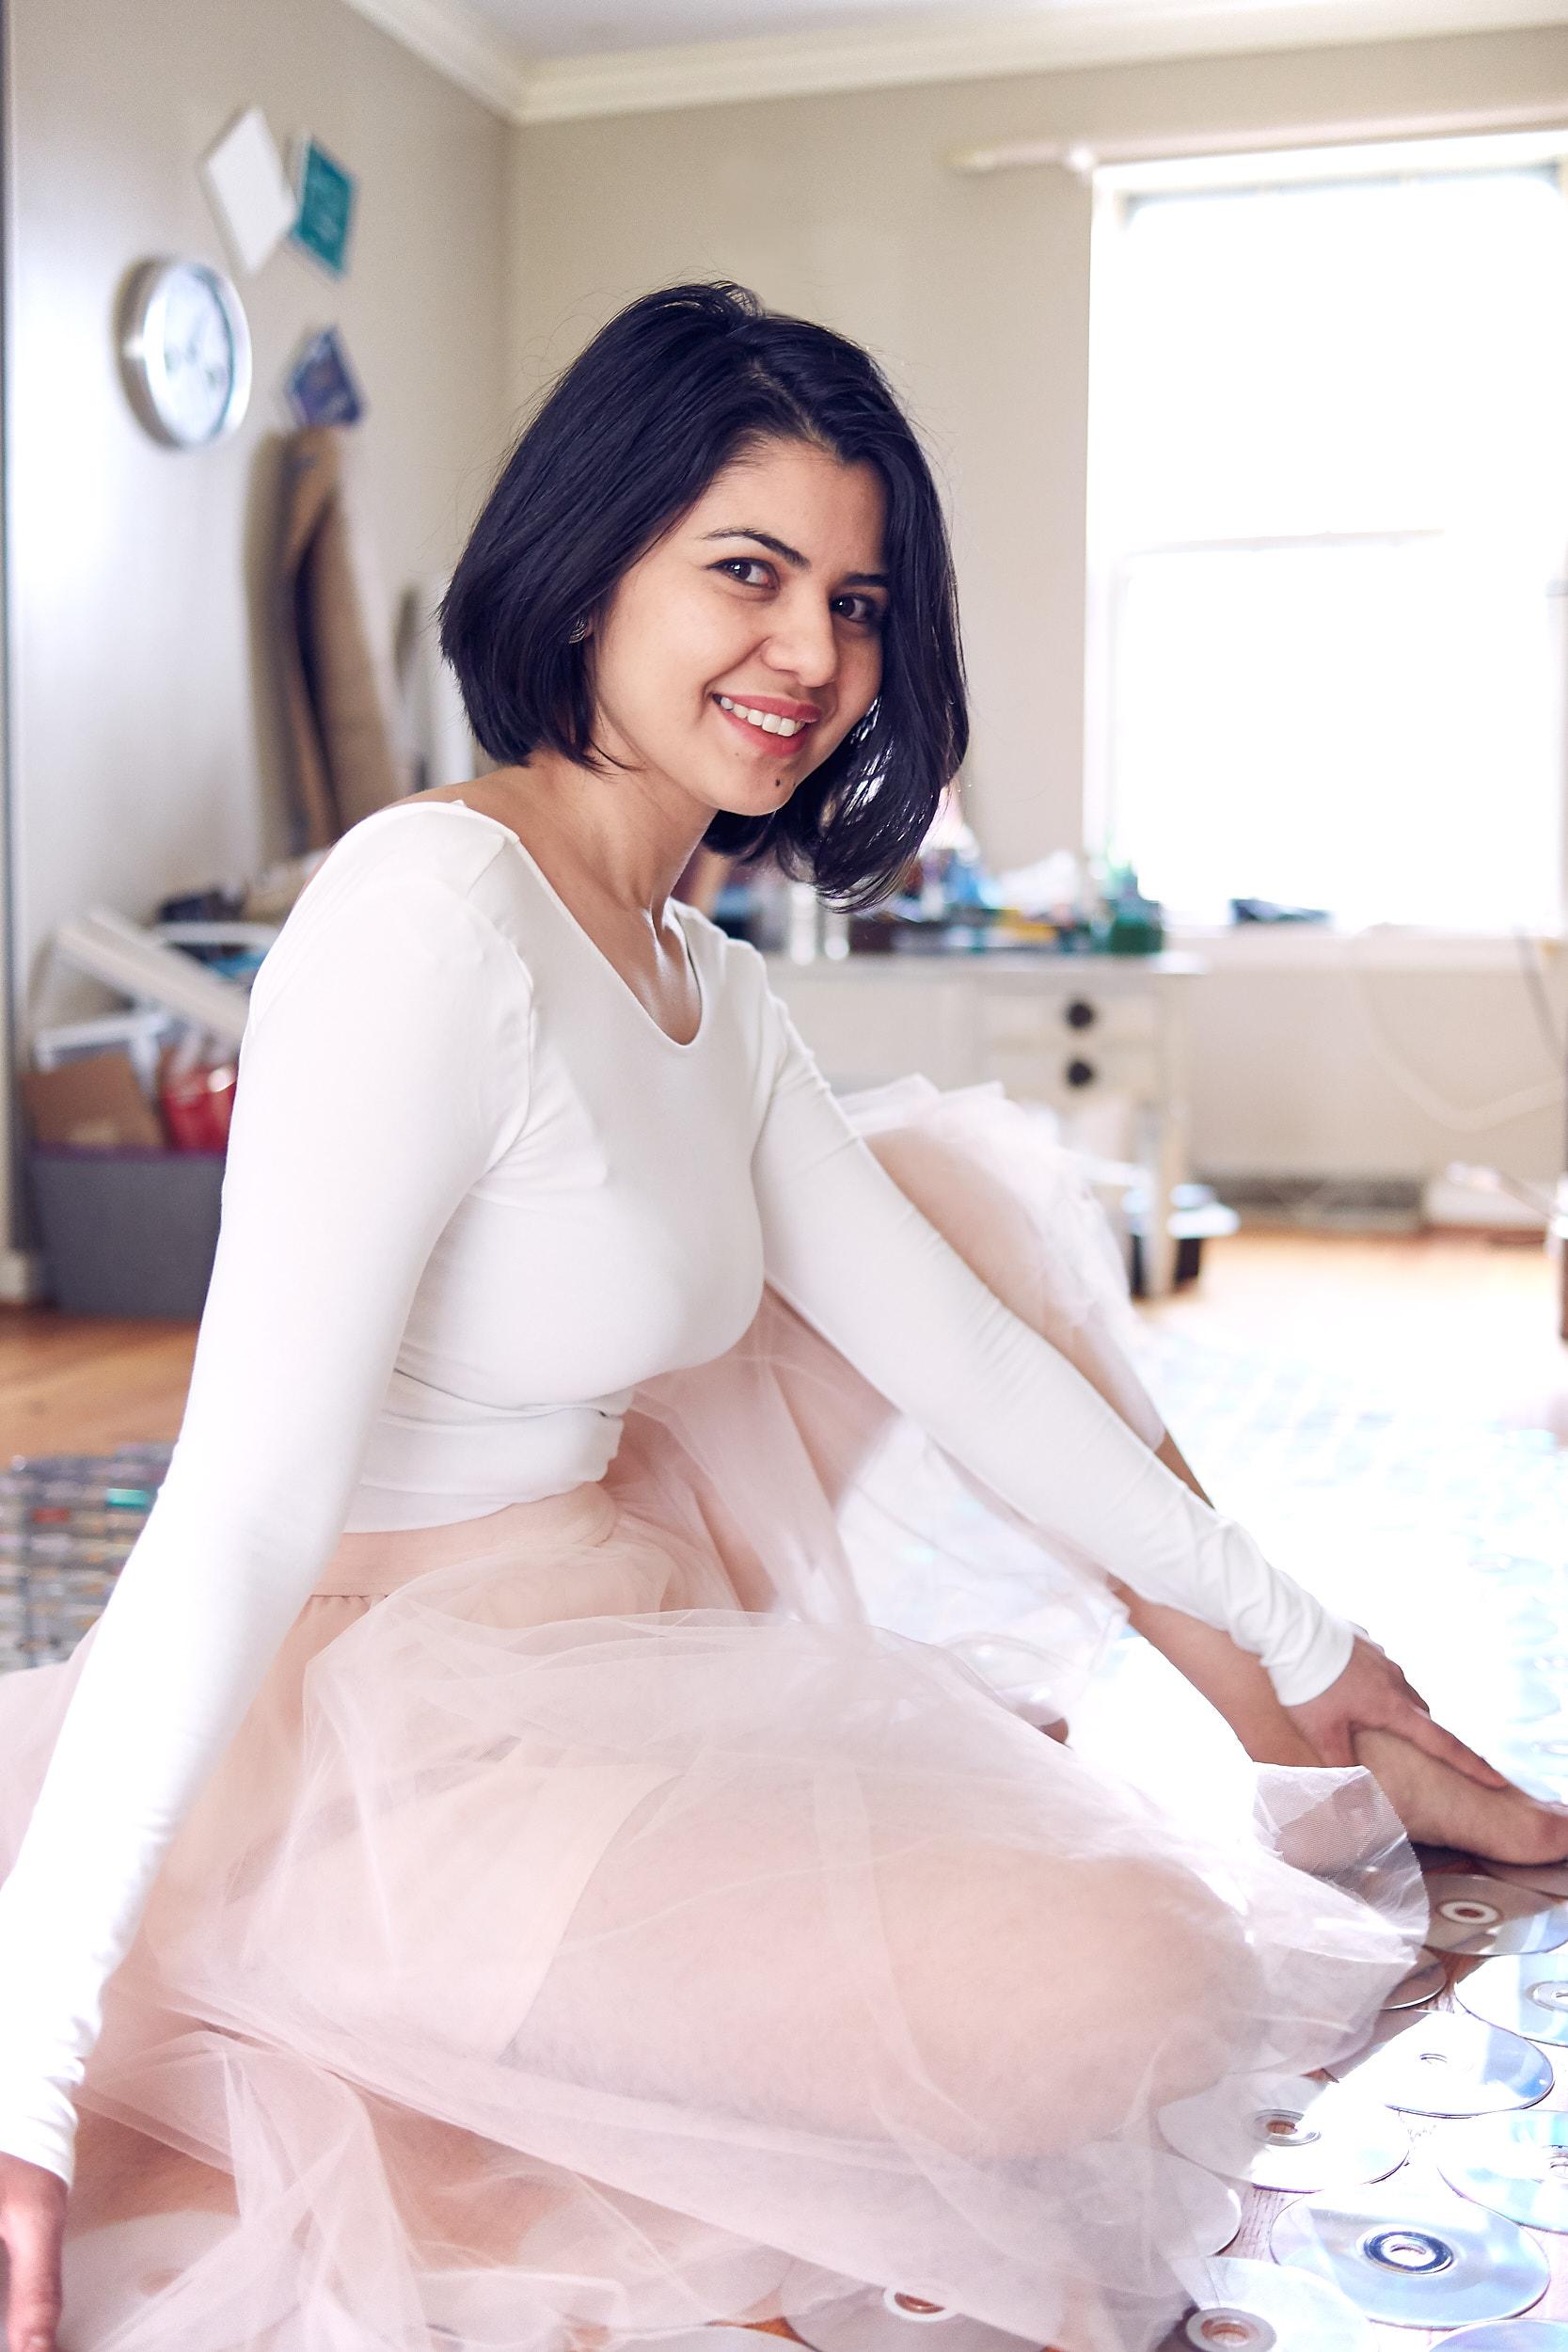 Artist-Scientist, Golara Haghtalab   In her studio.